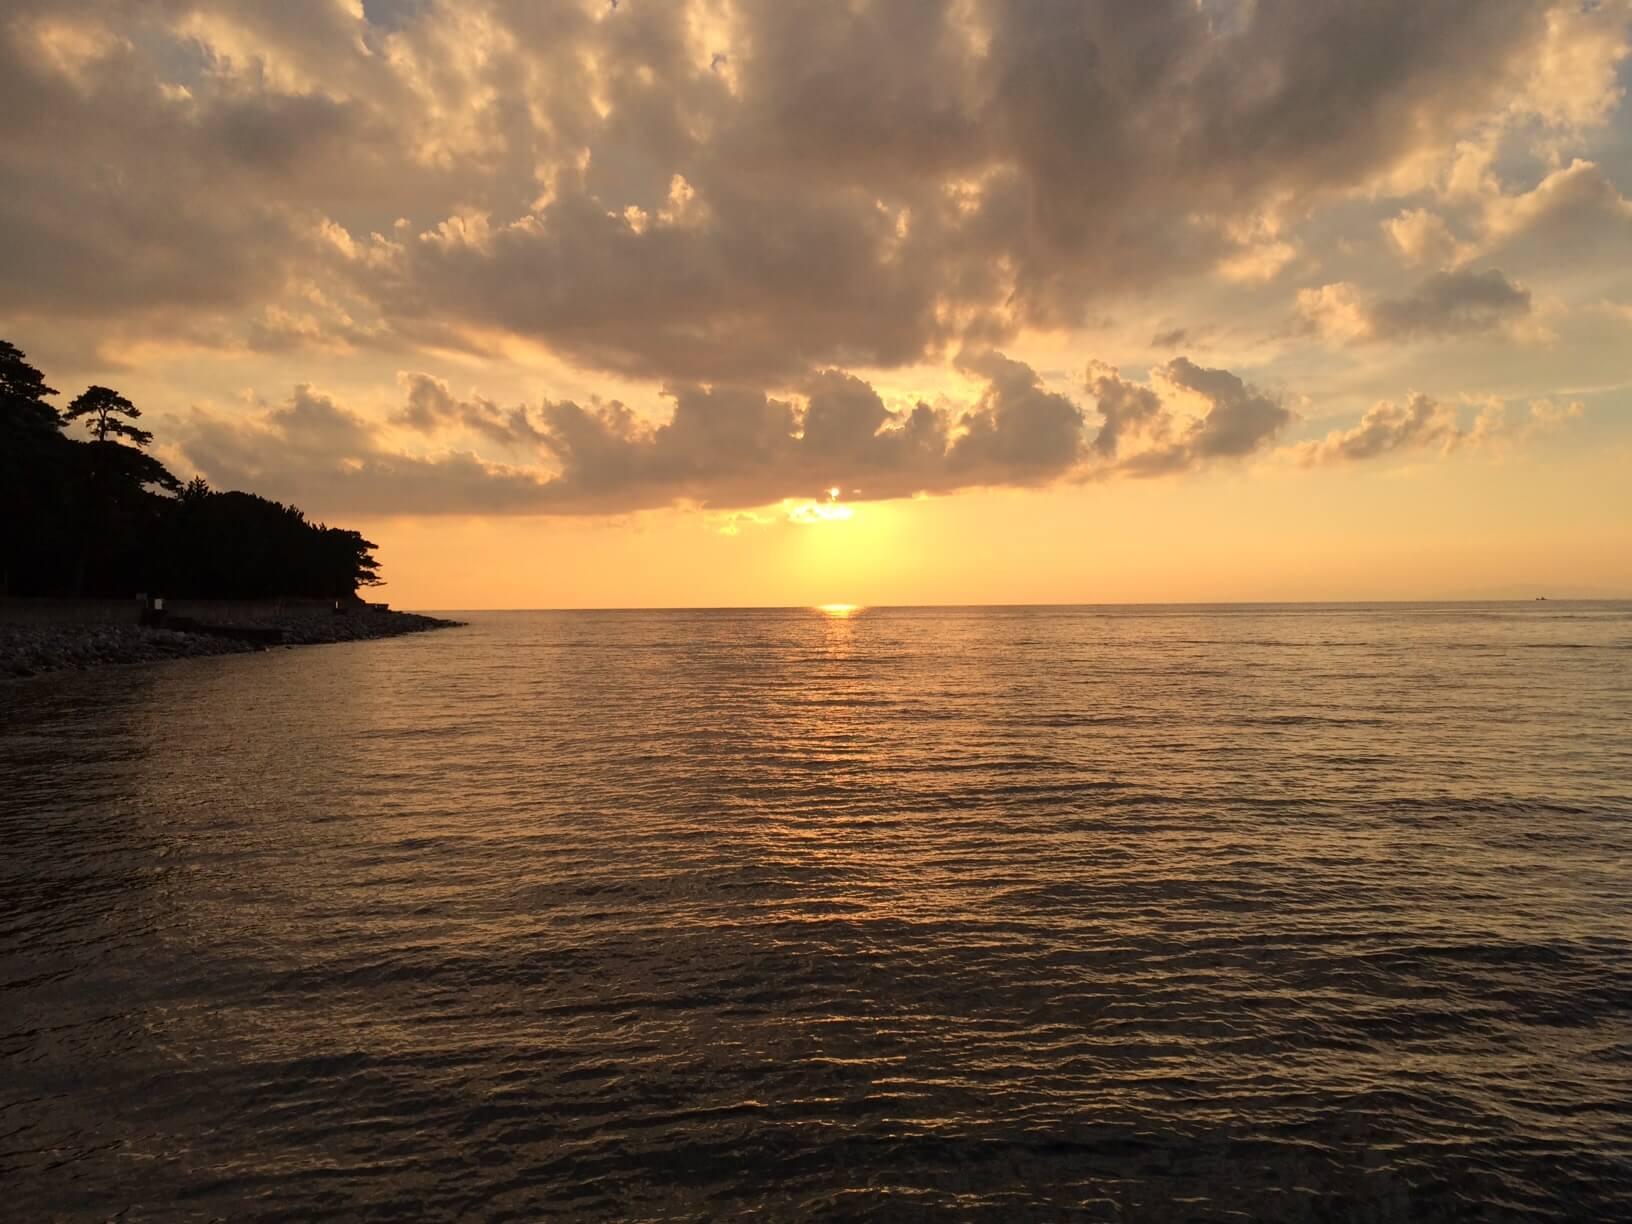 西伊豆井田から見える夕日